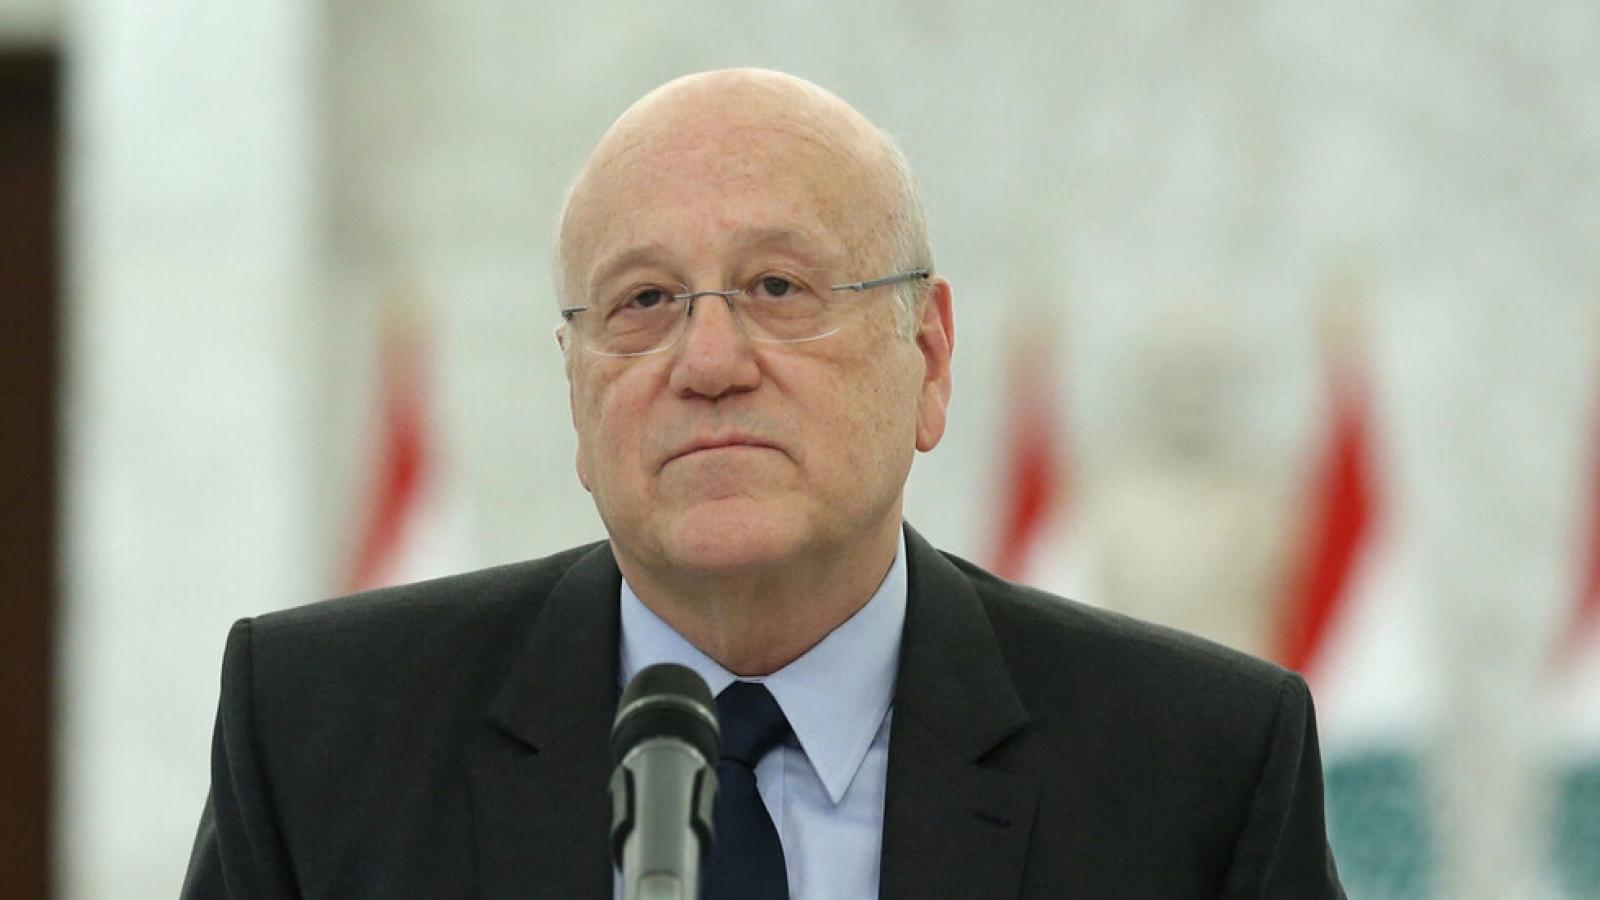 Chính phủ mới của Lebanon ưu tiên khôi phục quan hệ với tất cả các nước